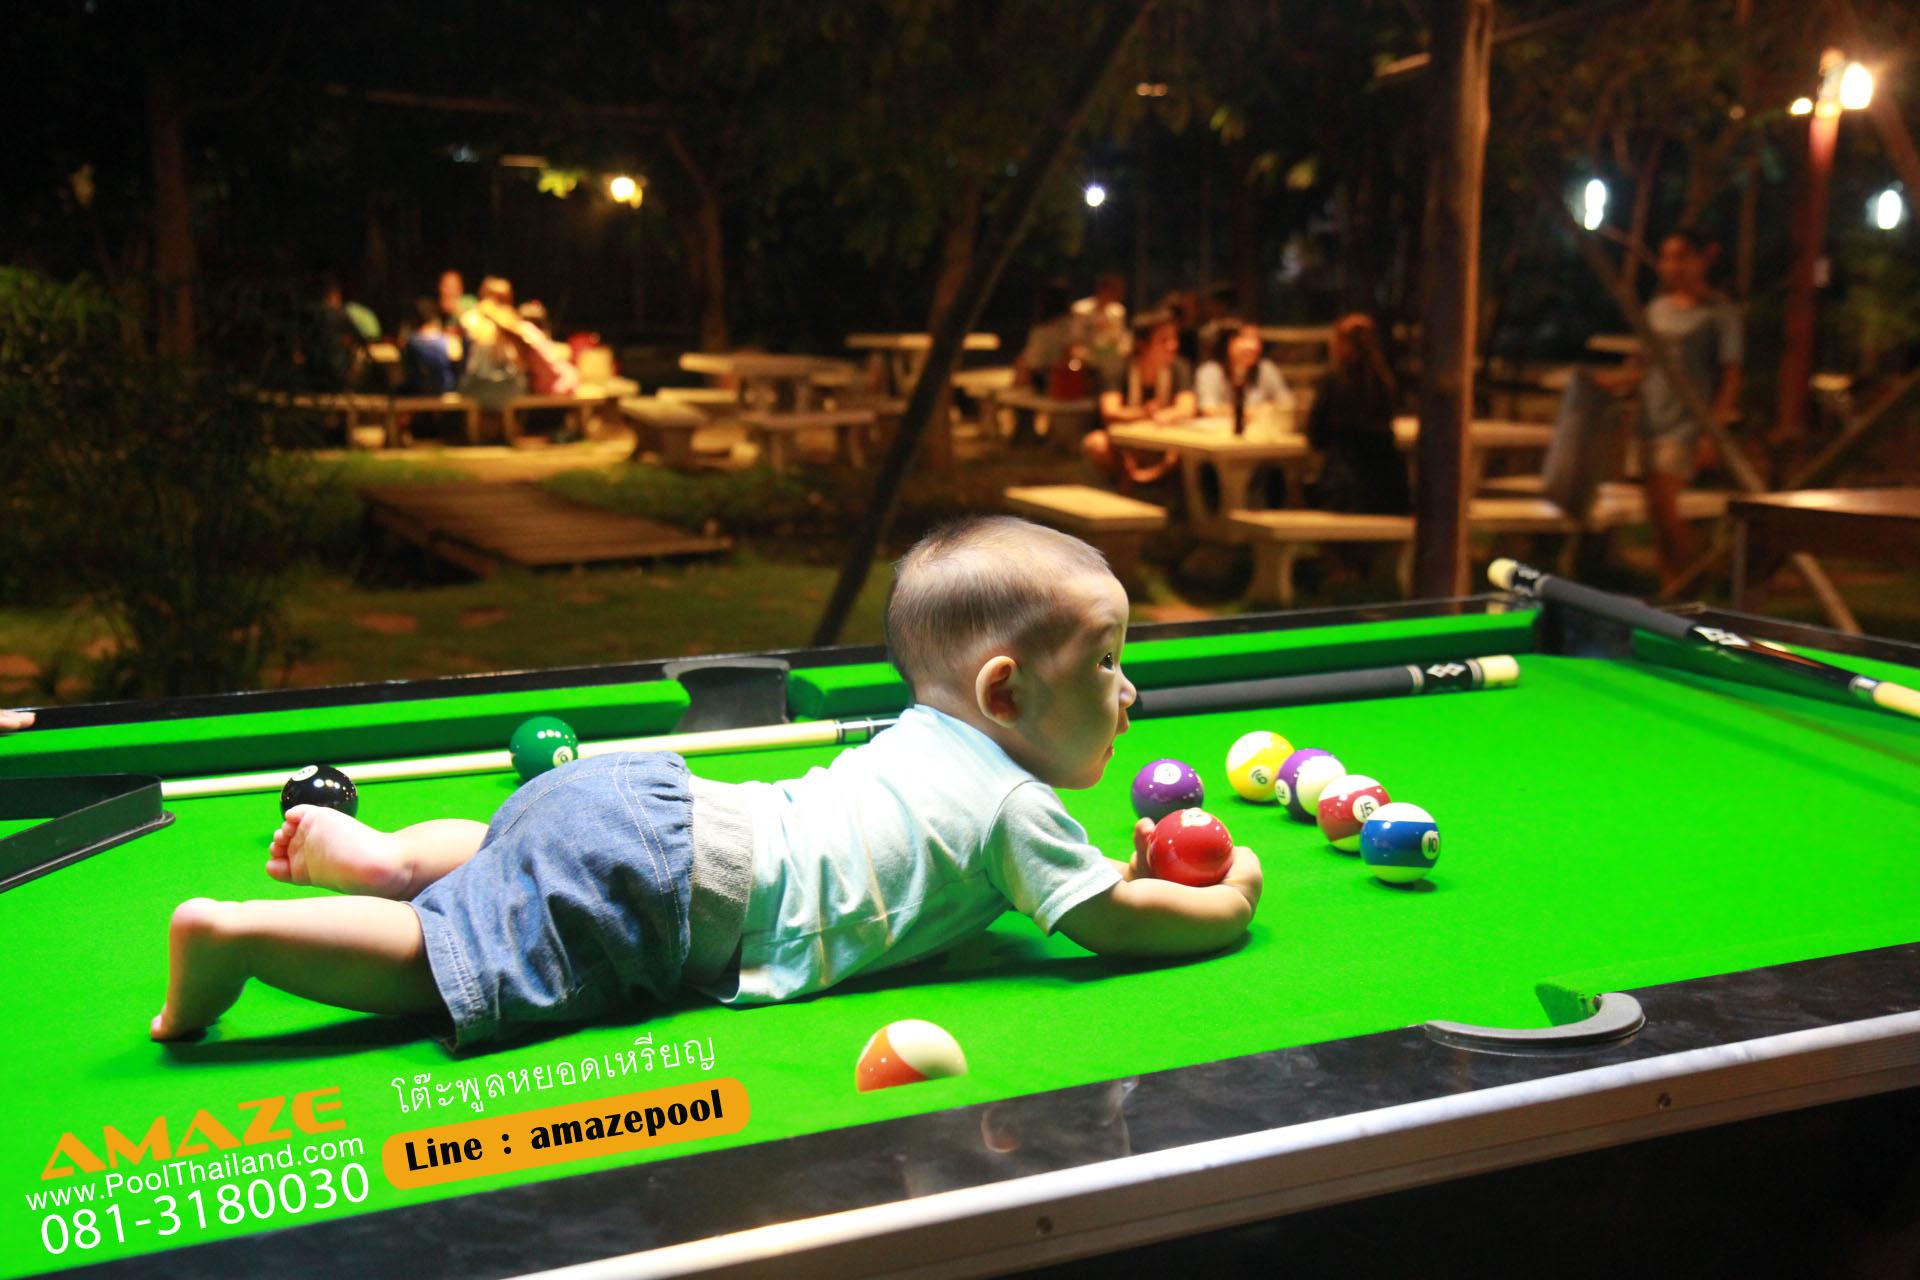 โต๊ะพูล Poolthailand มีทั้งโต๊ะพูลหยอดเหรียย และโต๊ะพูลไม่หยอดเหรียญ สอบถามได้นะค้า 081-3180030